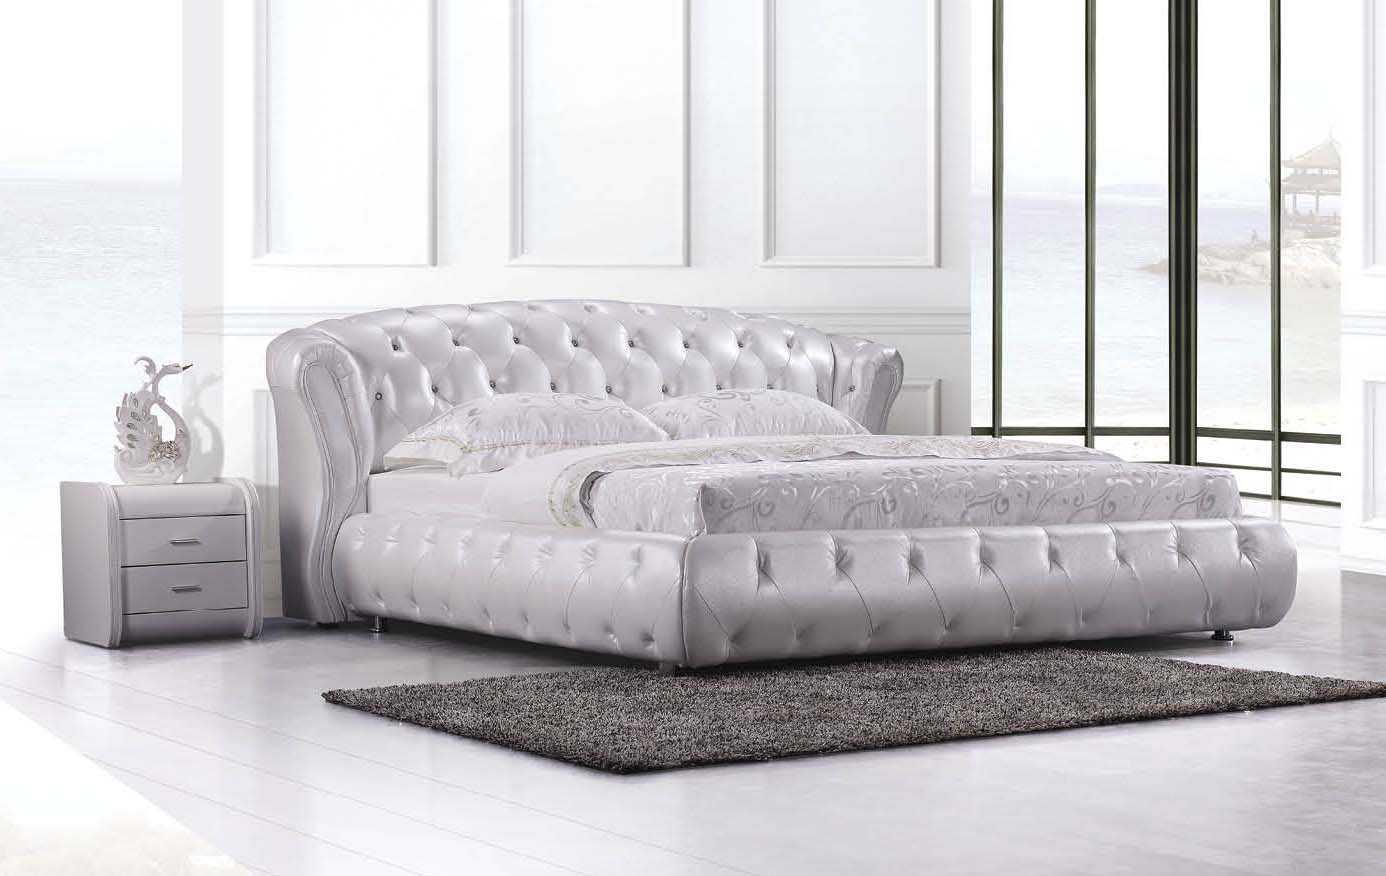 design betten in hochwertiger qualit t oder rundbett wt4795 bei jv m bel schweiz. Black Bedroom Furniture Sets. Home Design Ideas